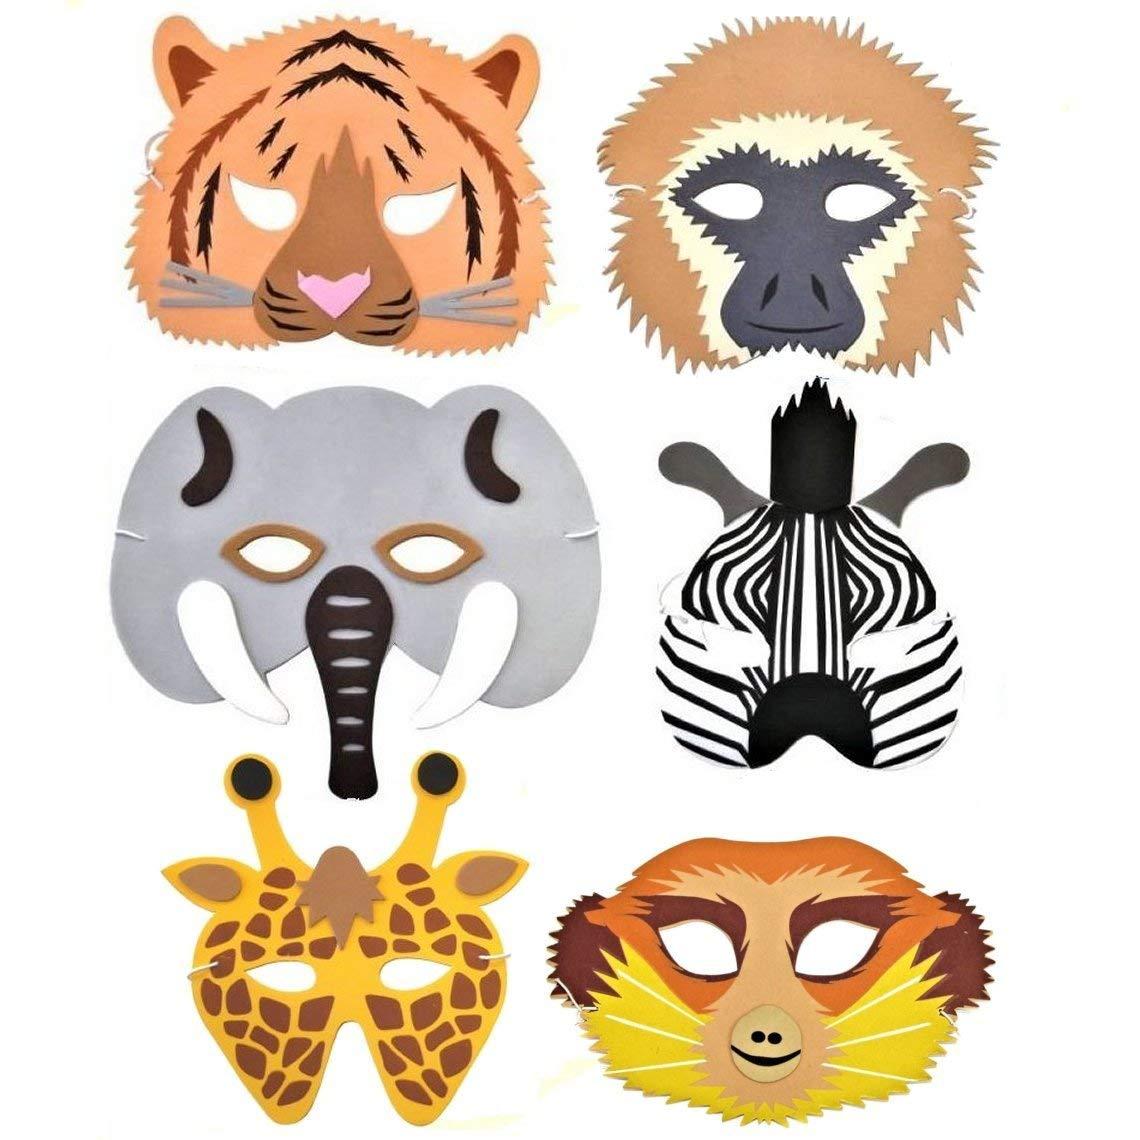 Regenwald-//Safari-//Dschungelmasken aus Schaumstoff Tiermotive hergestellt von Blue Frog Toys